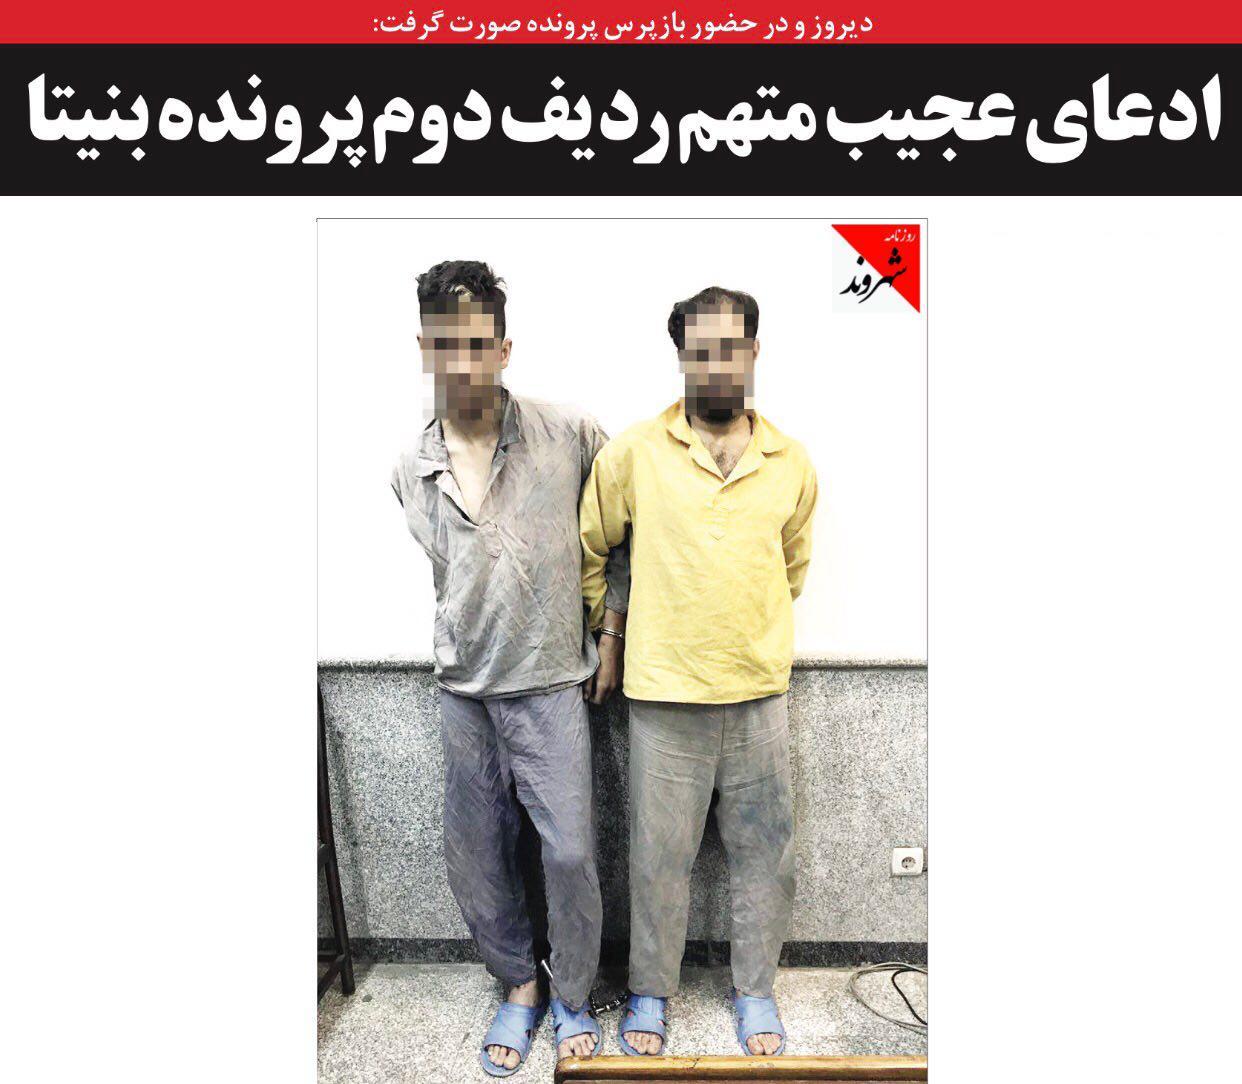 متهم دوم قتل بنیتا: شب حادثه به کلانتری خاتون آباد گفتم که یک بچه داخل ماشین رها شده،توجه نکردند